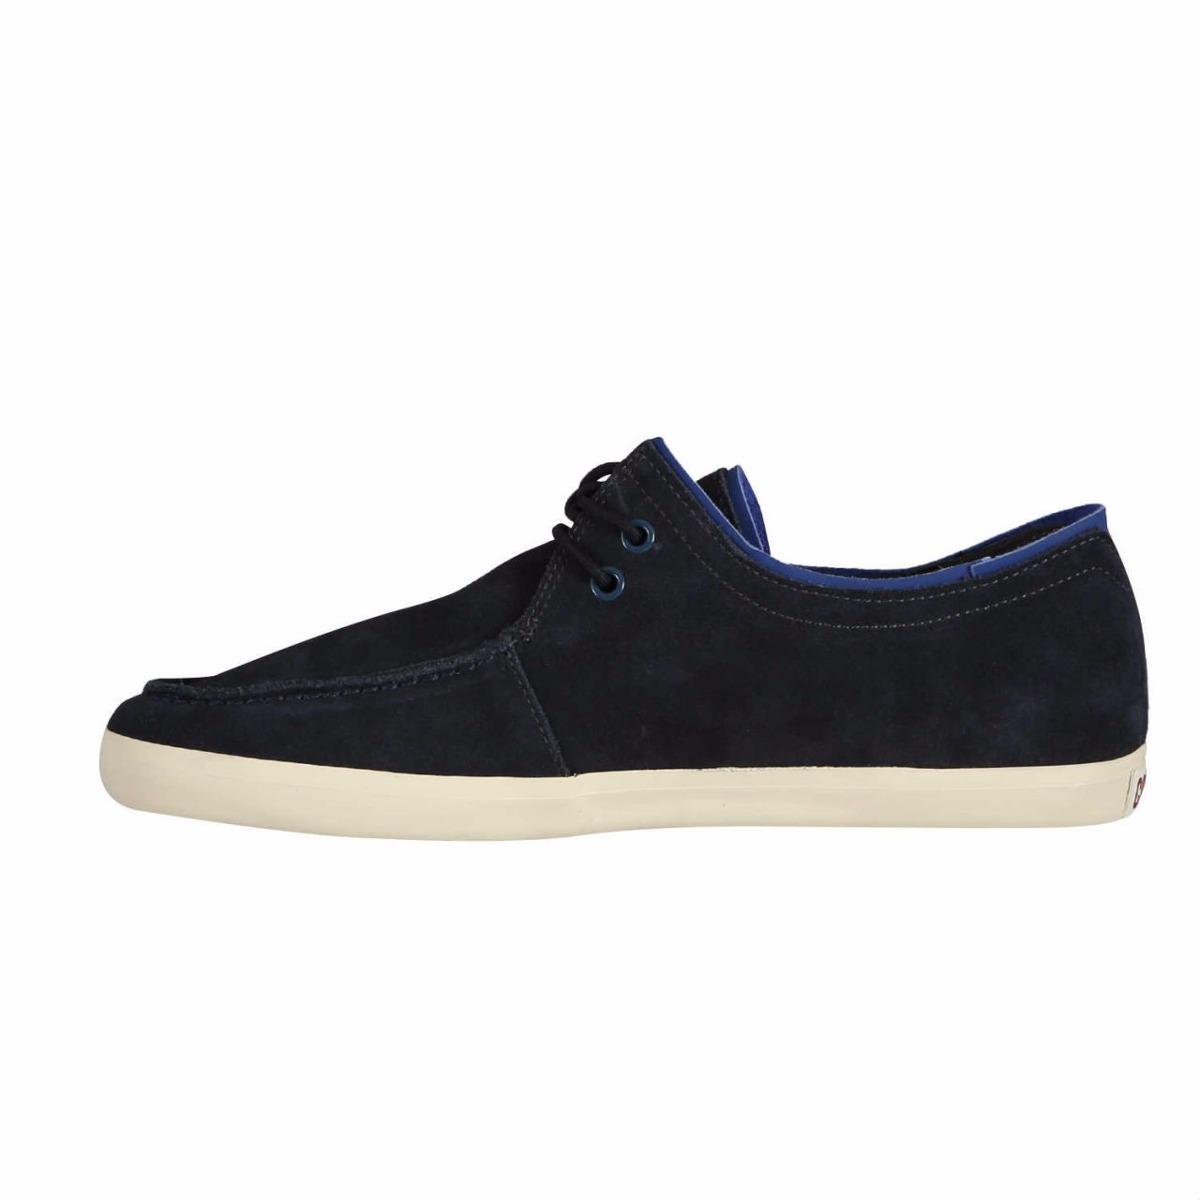 Mex 499 Para 1 Libre Zapatos Mercado En Gamuza 00 8 Camper Caballero v8EOq